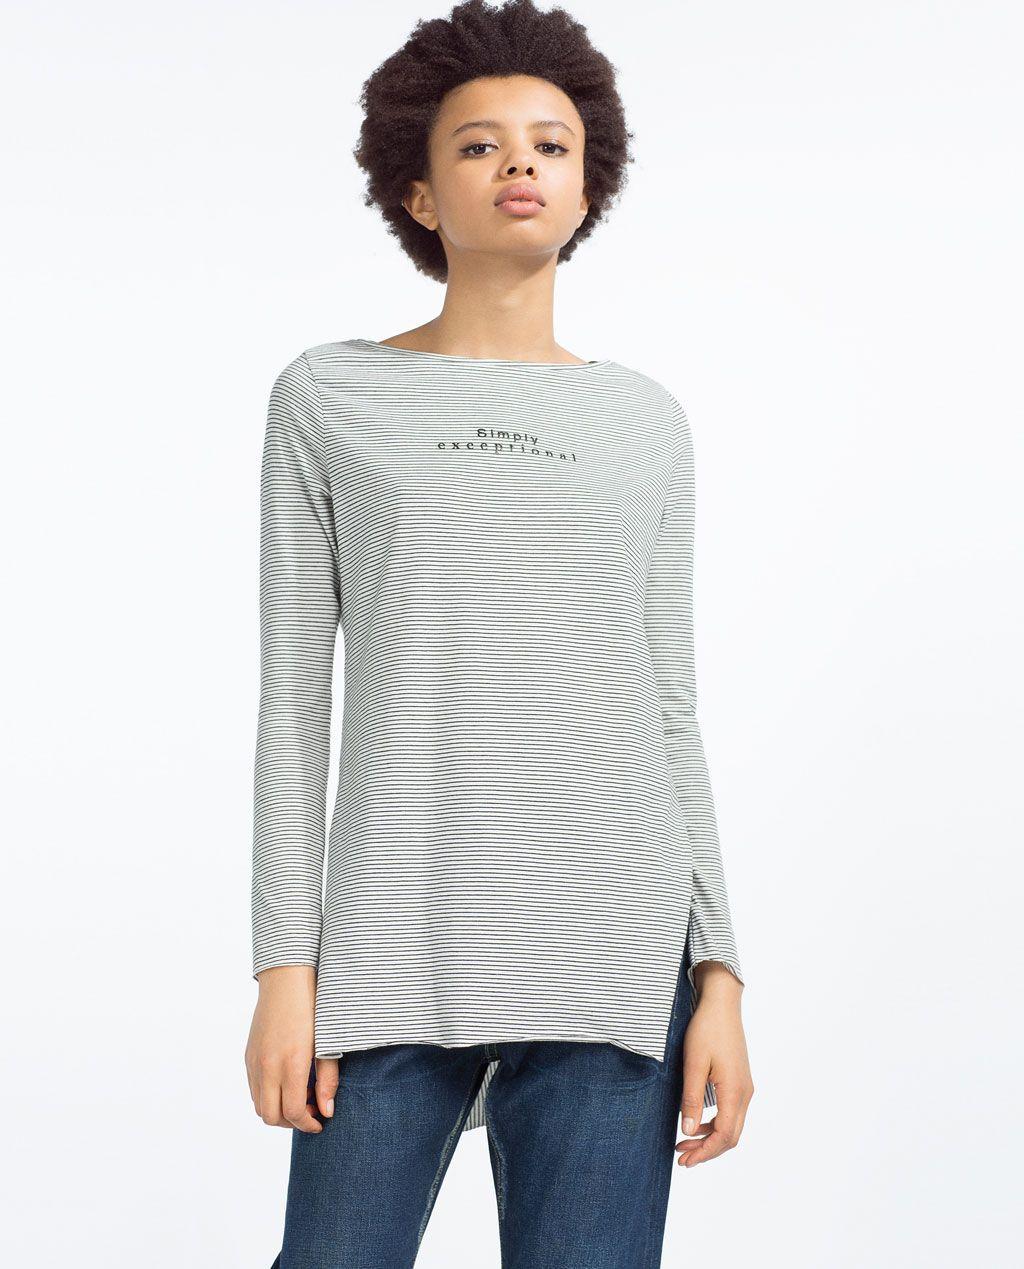 ca0c4d0bb Mujer Mujer Camiseta Zara Zara Camiseta Mujer Zara Camiseta Mujer ...